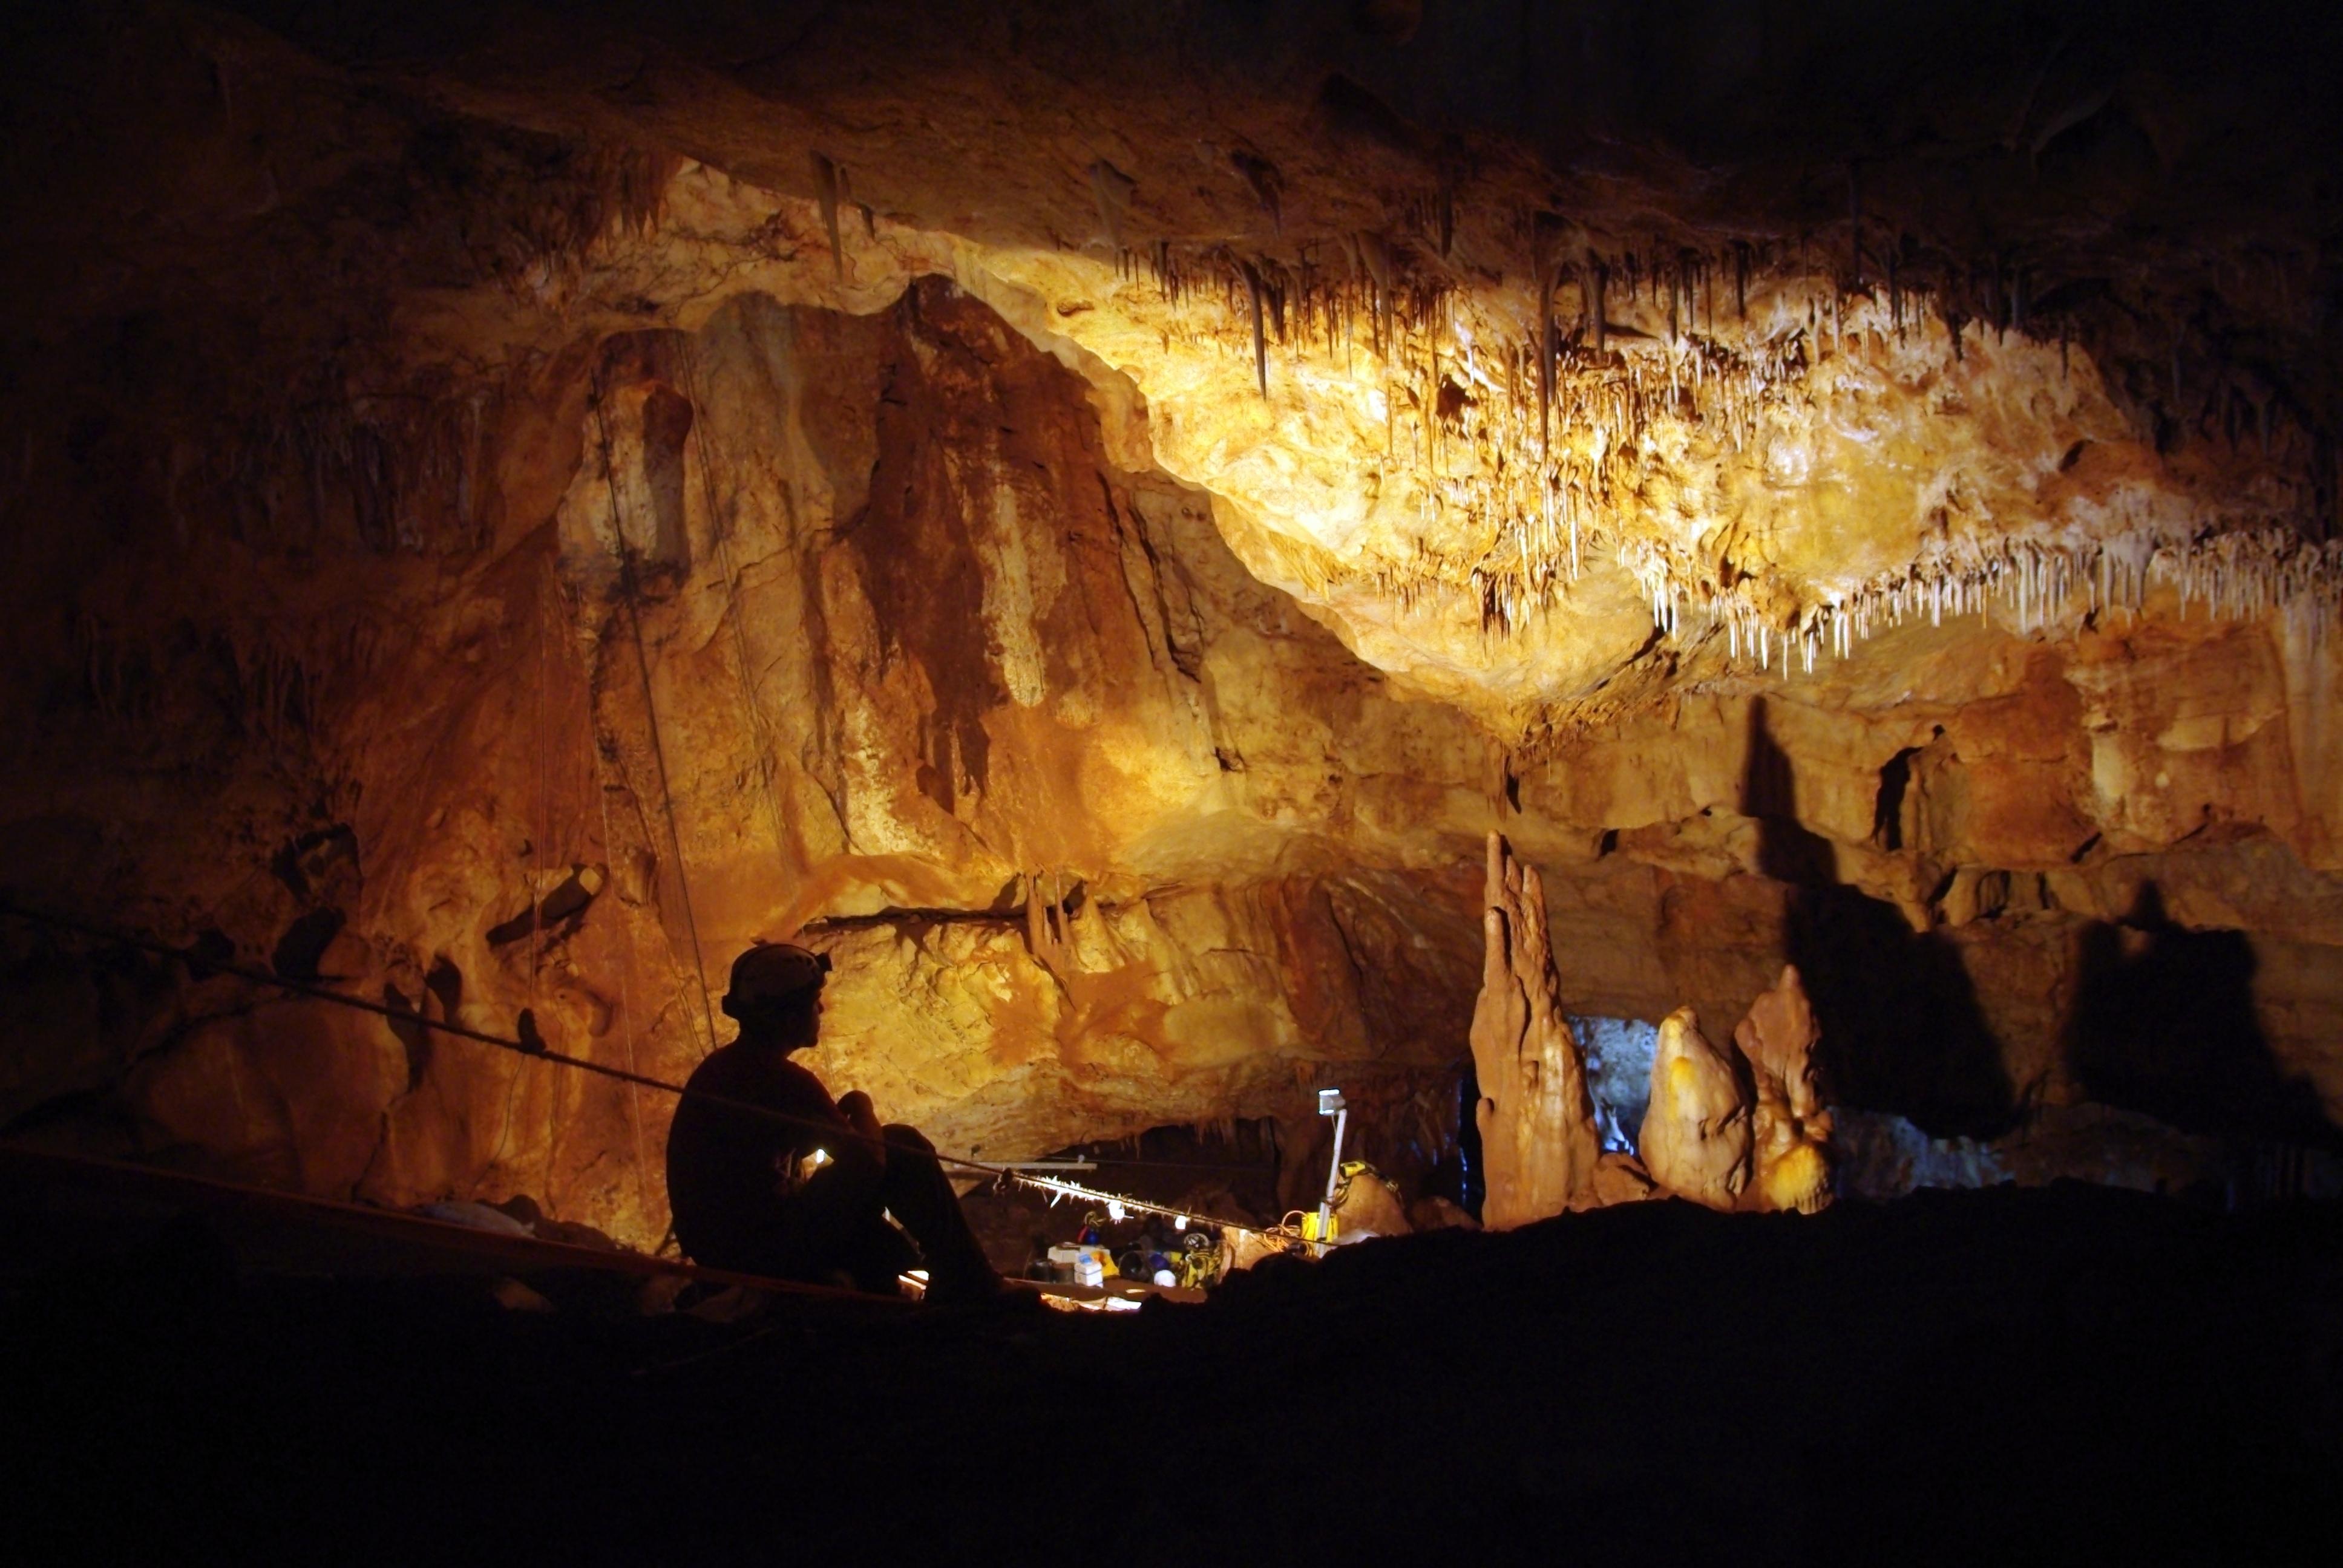 Interior de la cueva Manot, en la que fue hallado el fósil de cráneo de 55.000 años de antigüedad. Imagen: Amos Frumkin. Fuente: Hebrew University Cave Research Center/AlphaGalileo.